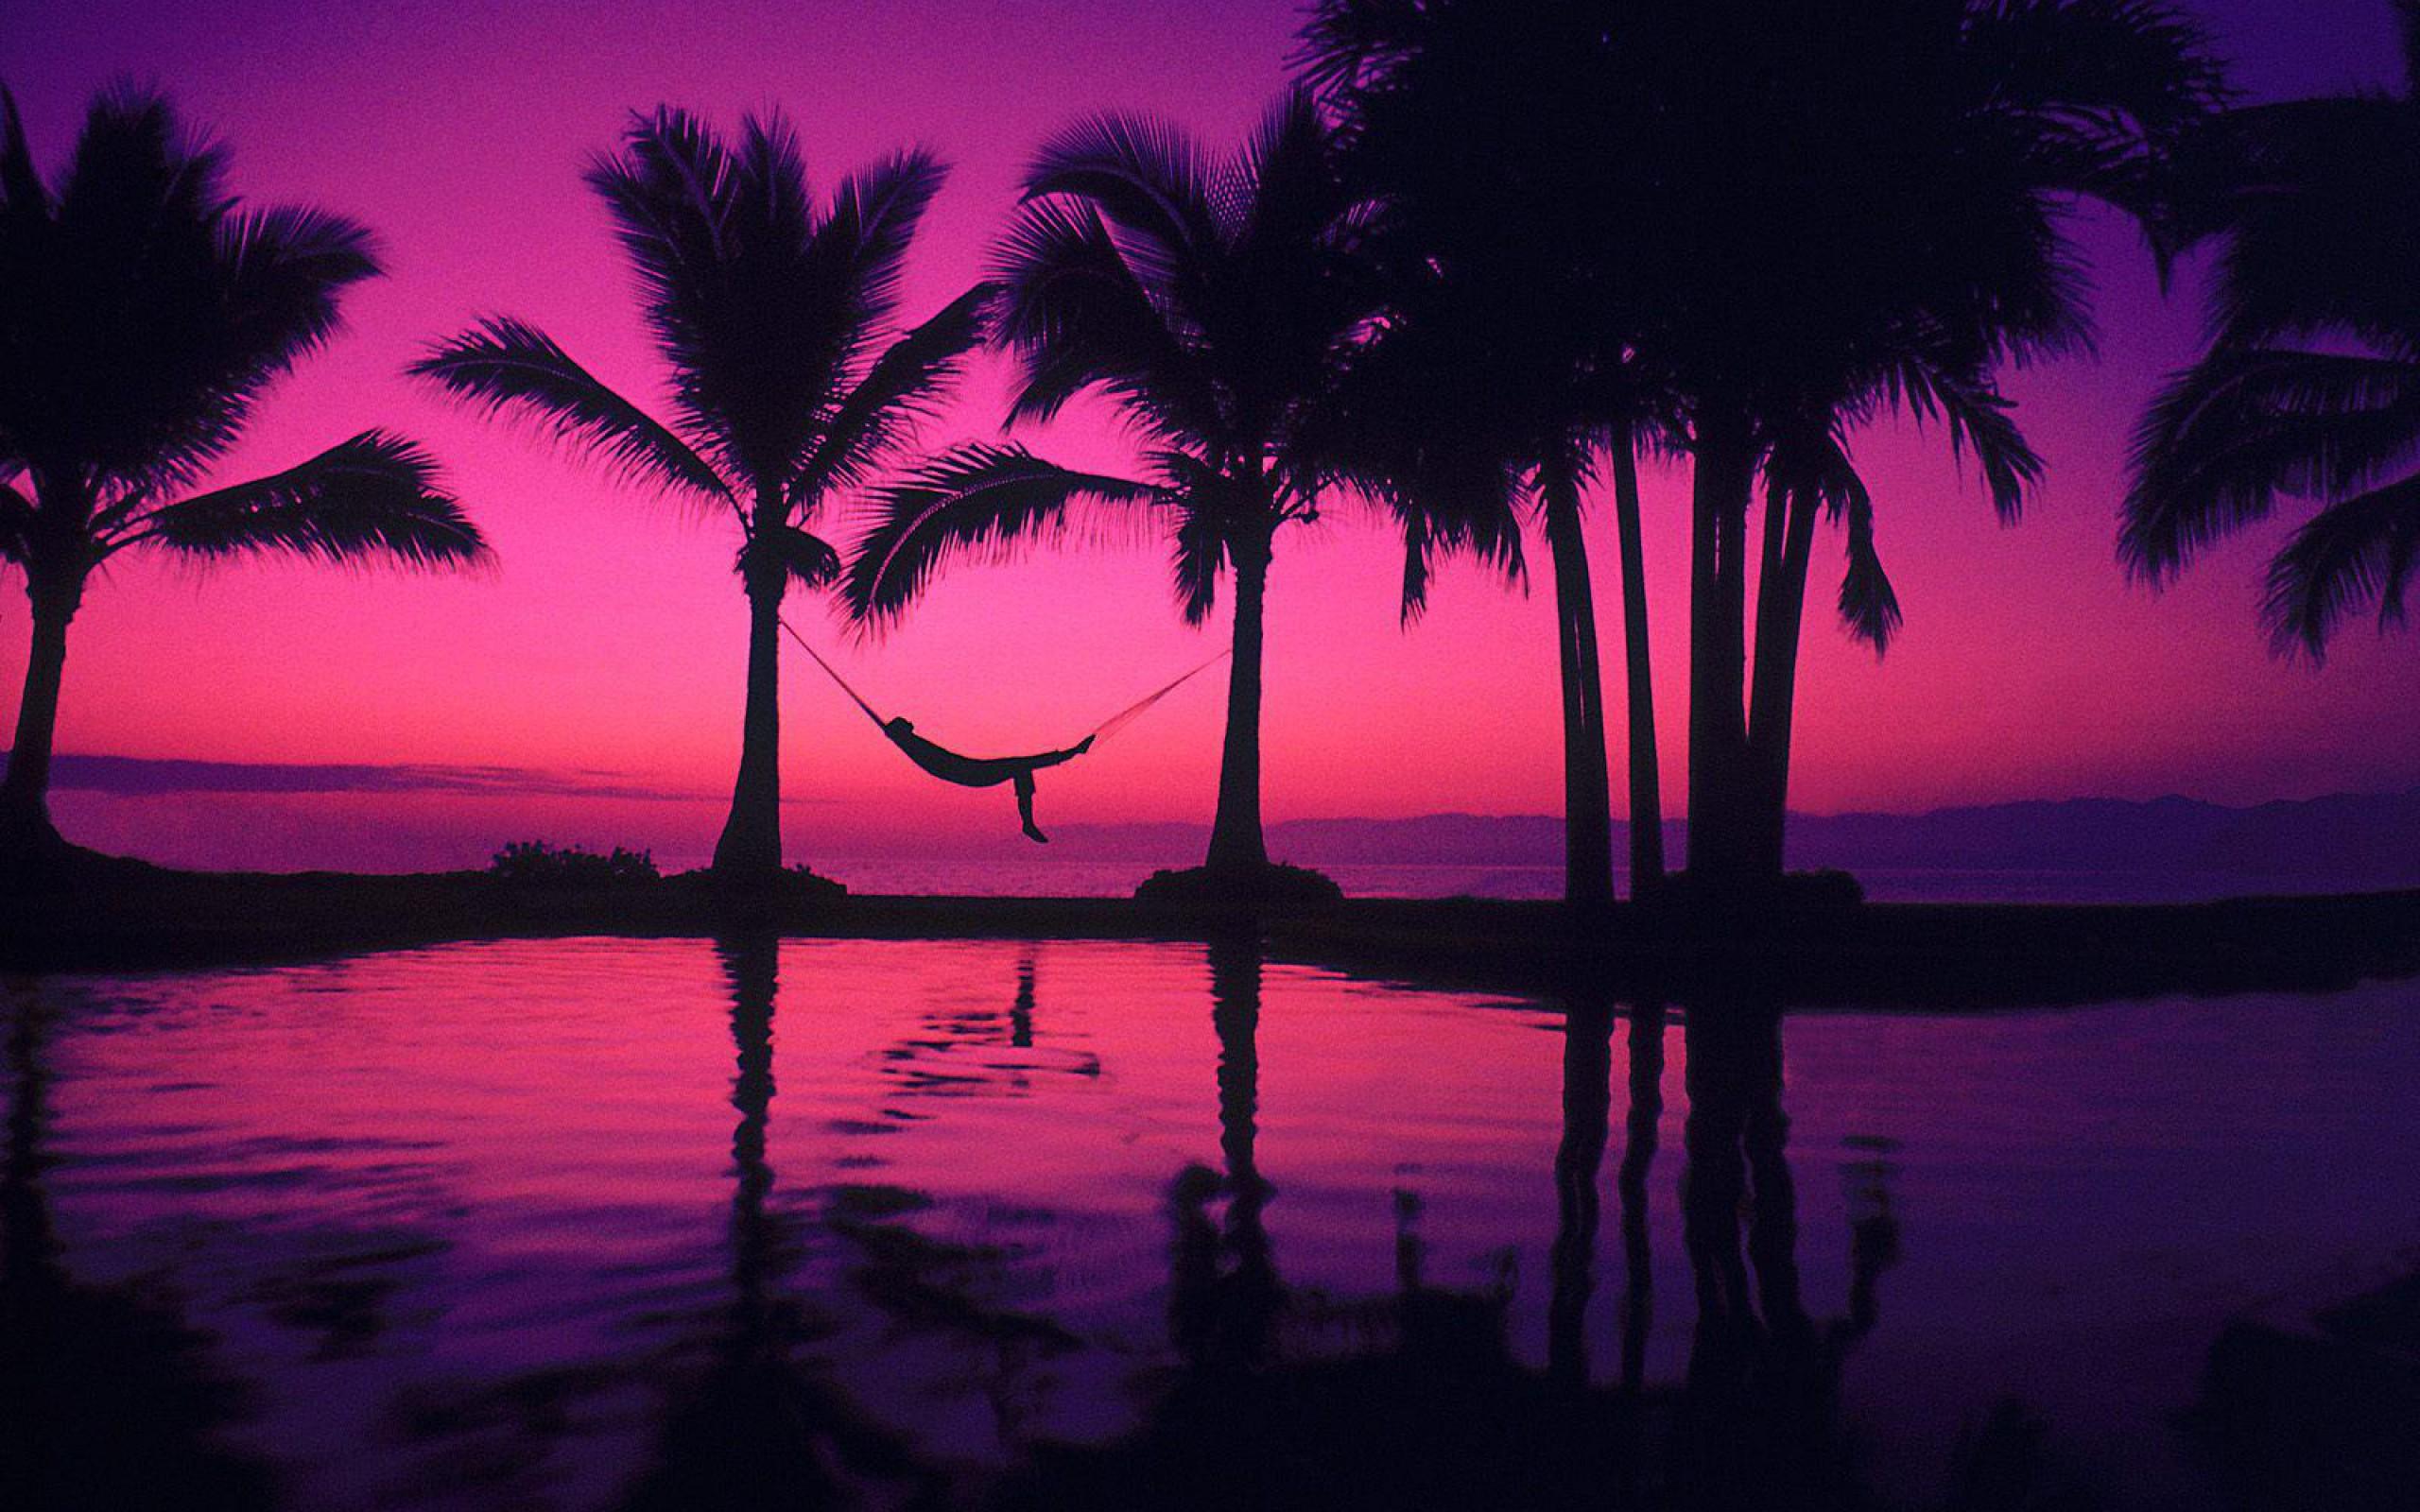 Beach Purple Sunset wallpaper | 2560x1600 | #29186